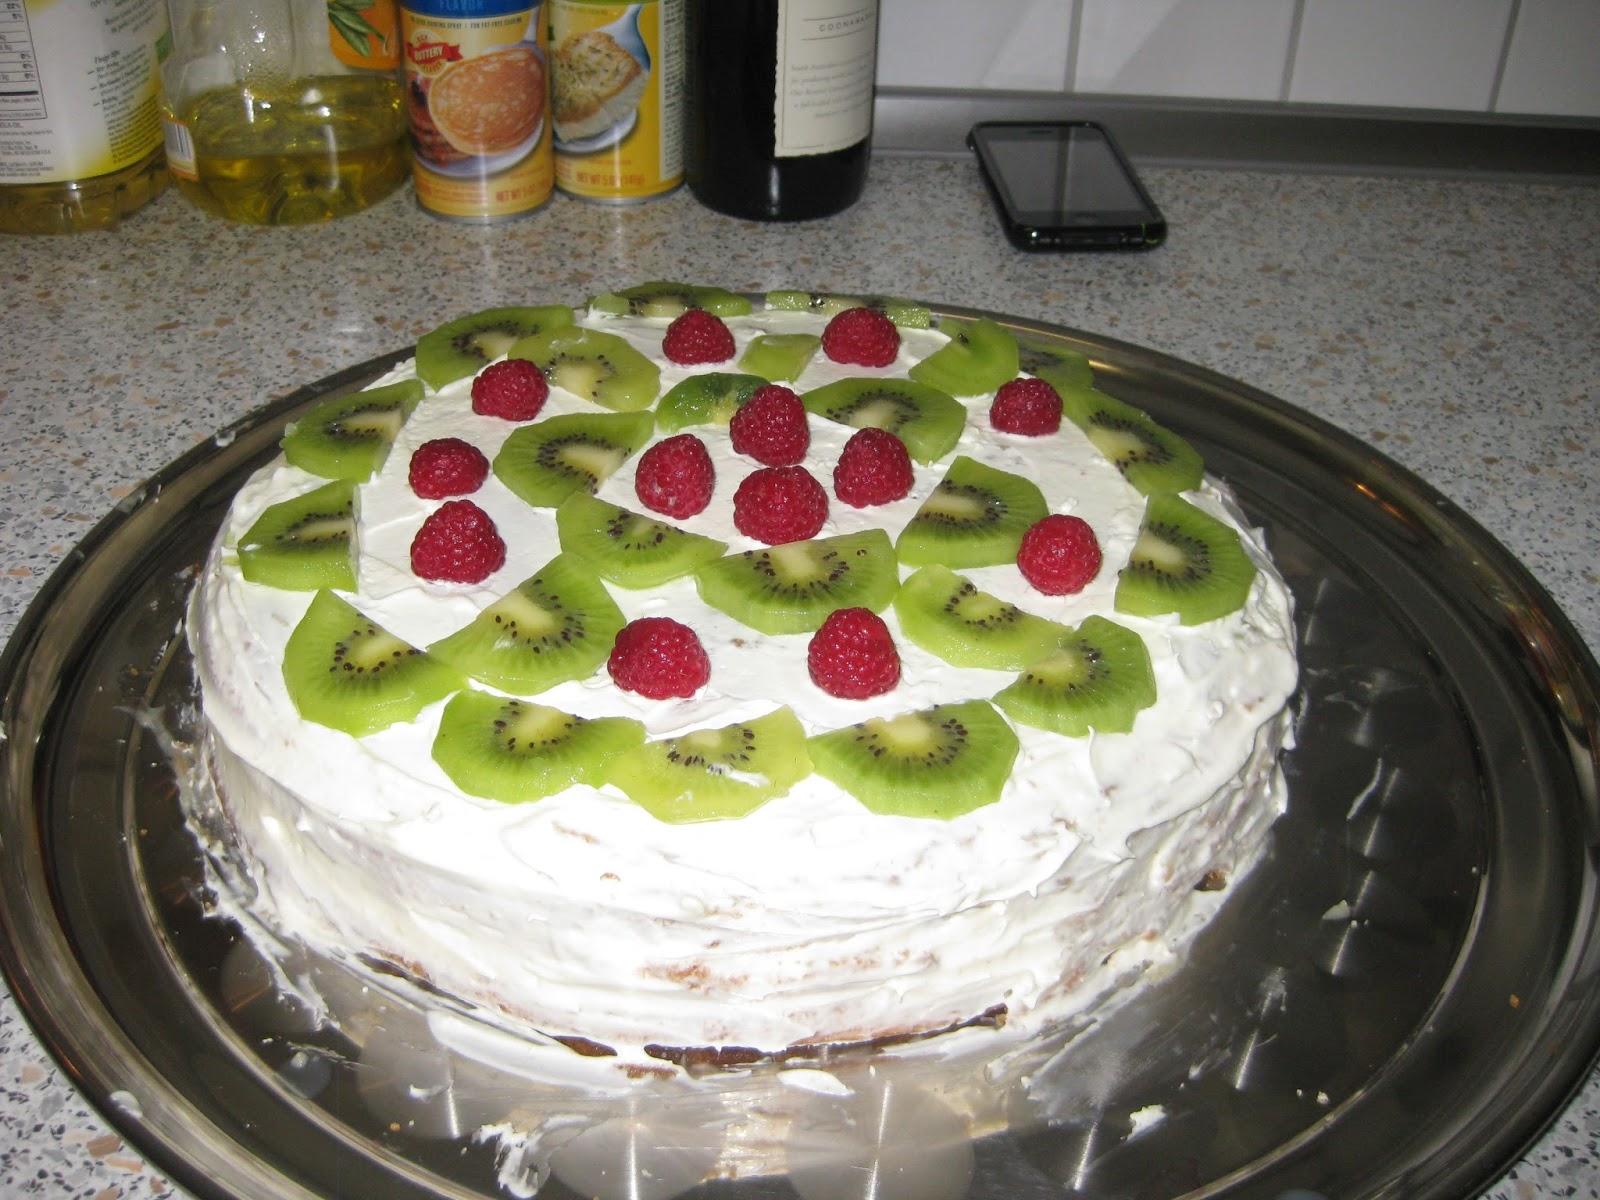 tarif: ev yapımı pasta tarifleri [28]